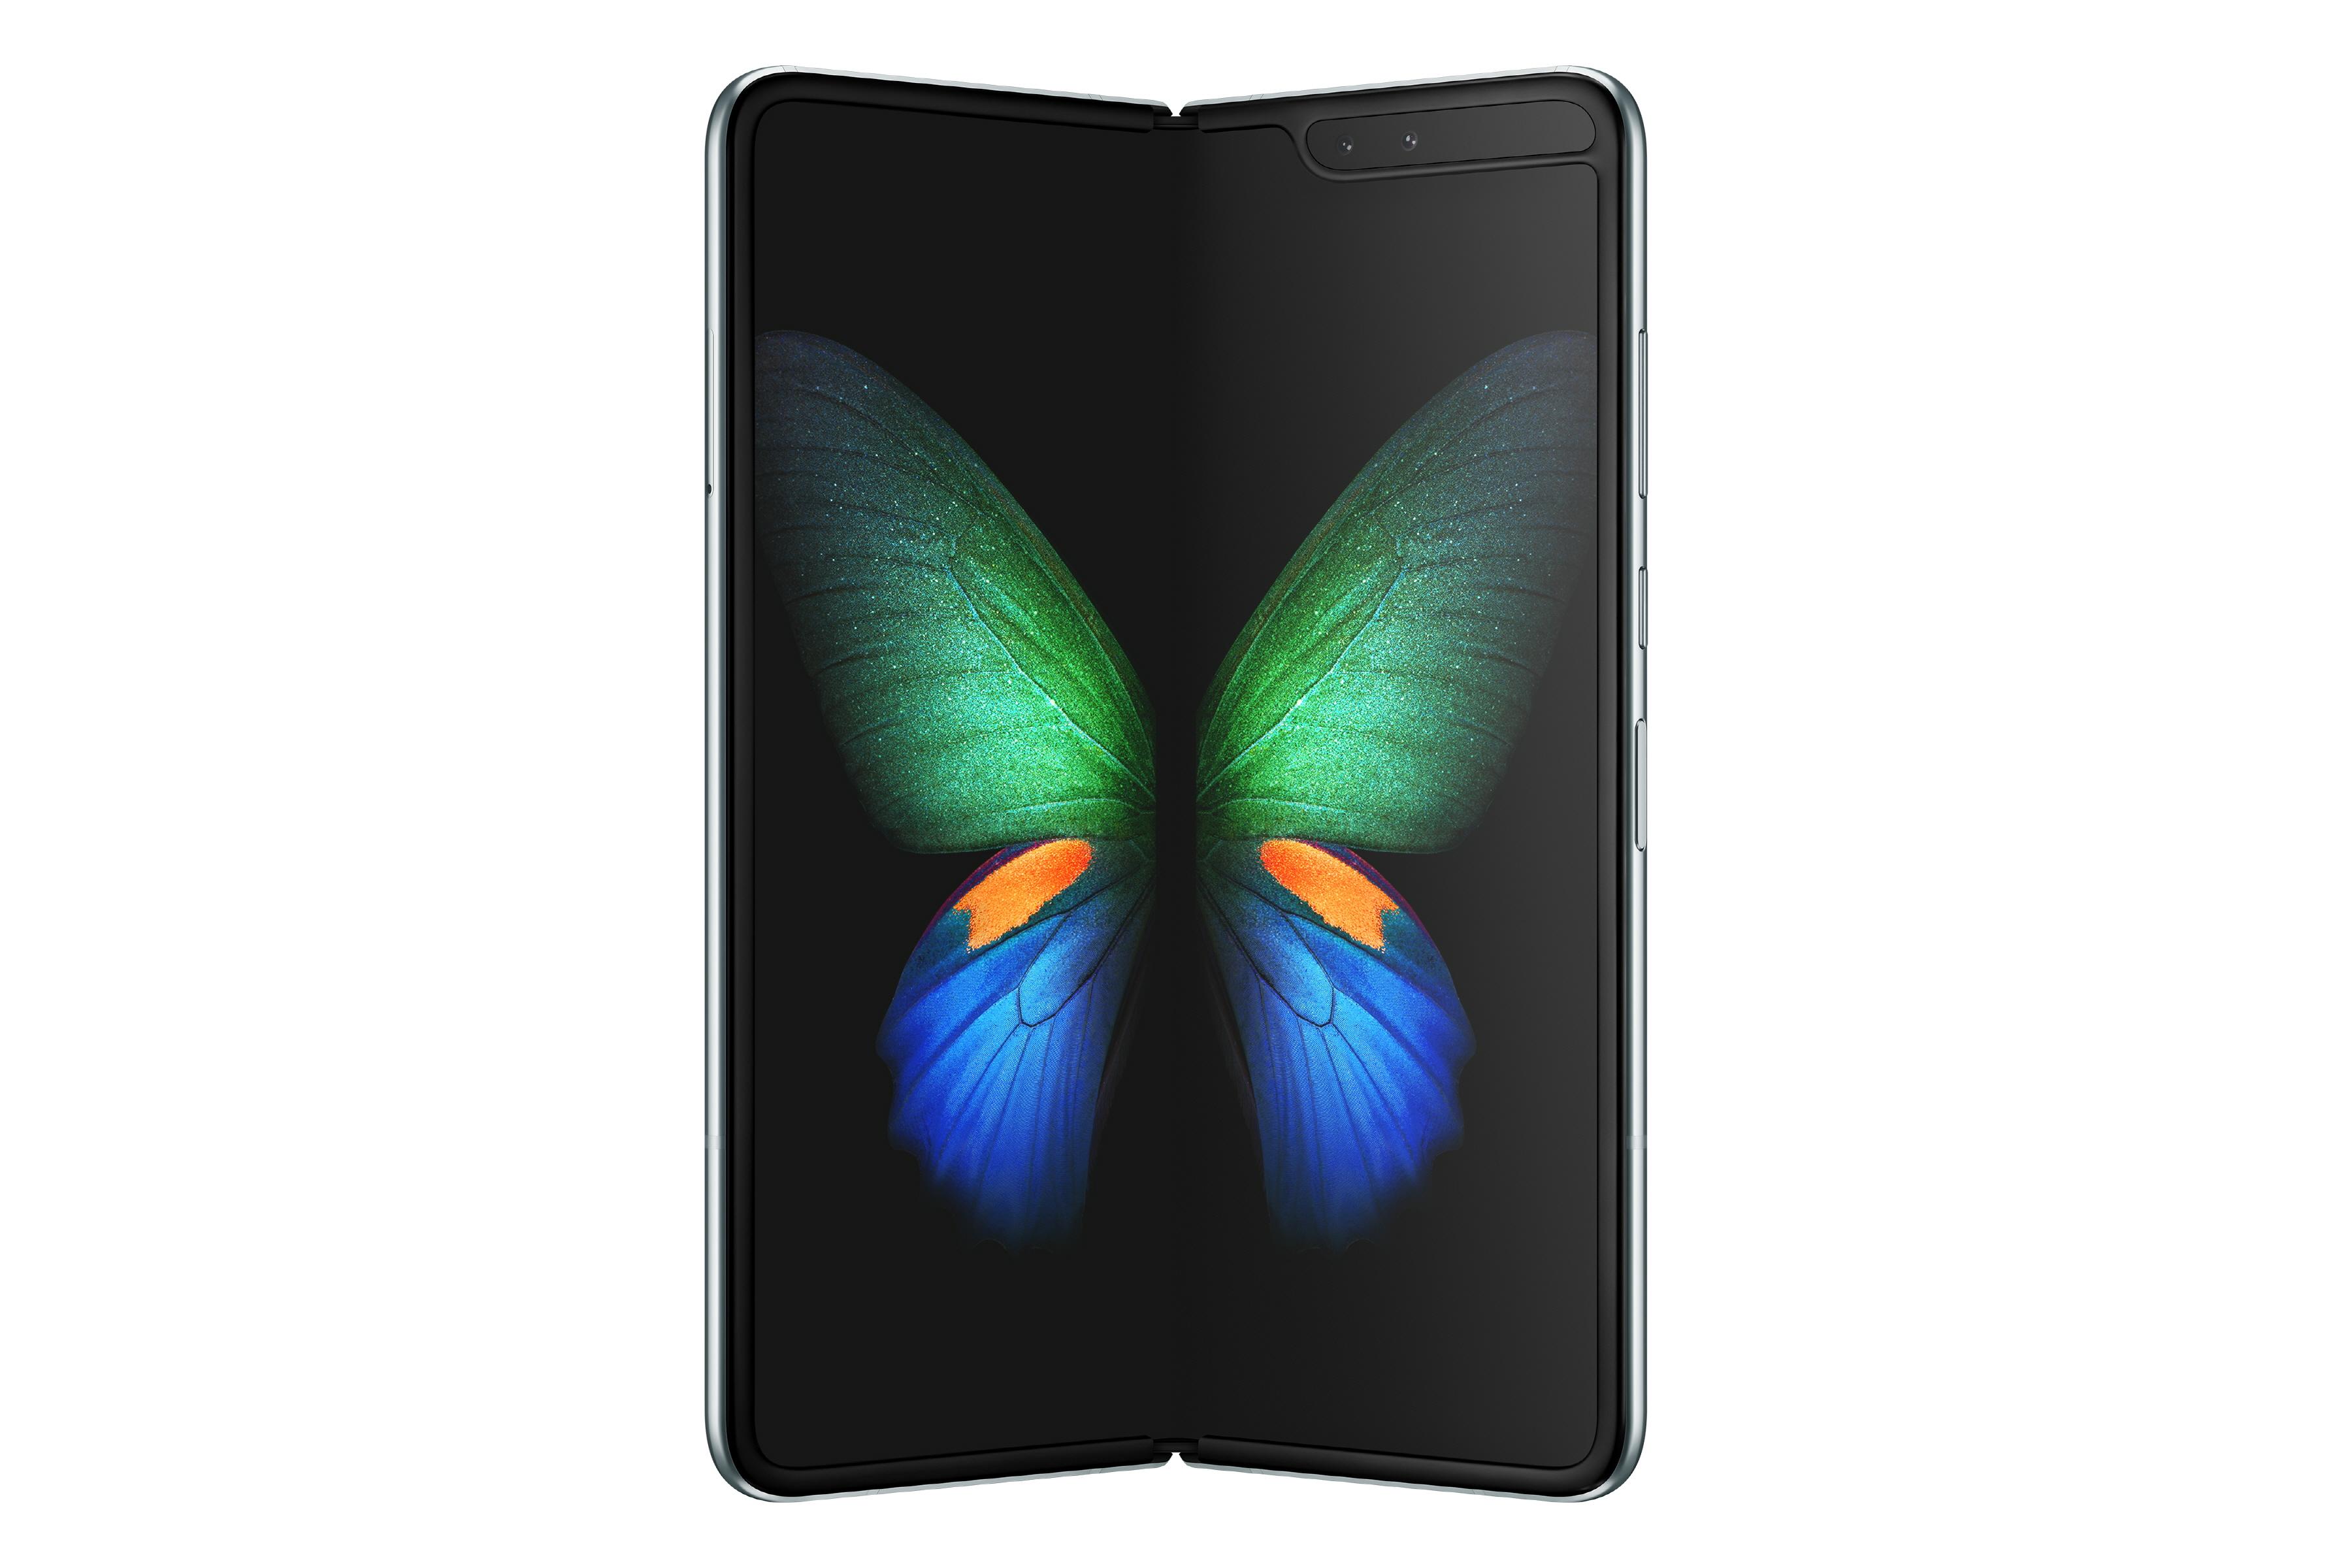 Apple et Google joueraient déjà avec les écrans pliables de Samsung pour leurs futurs appareils